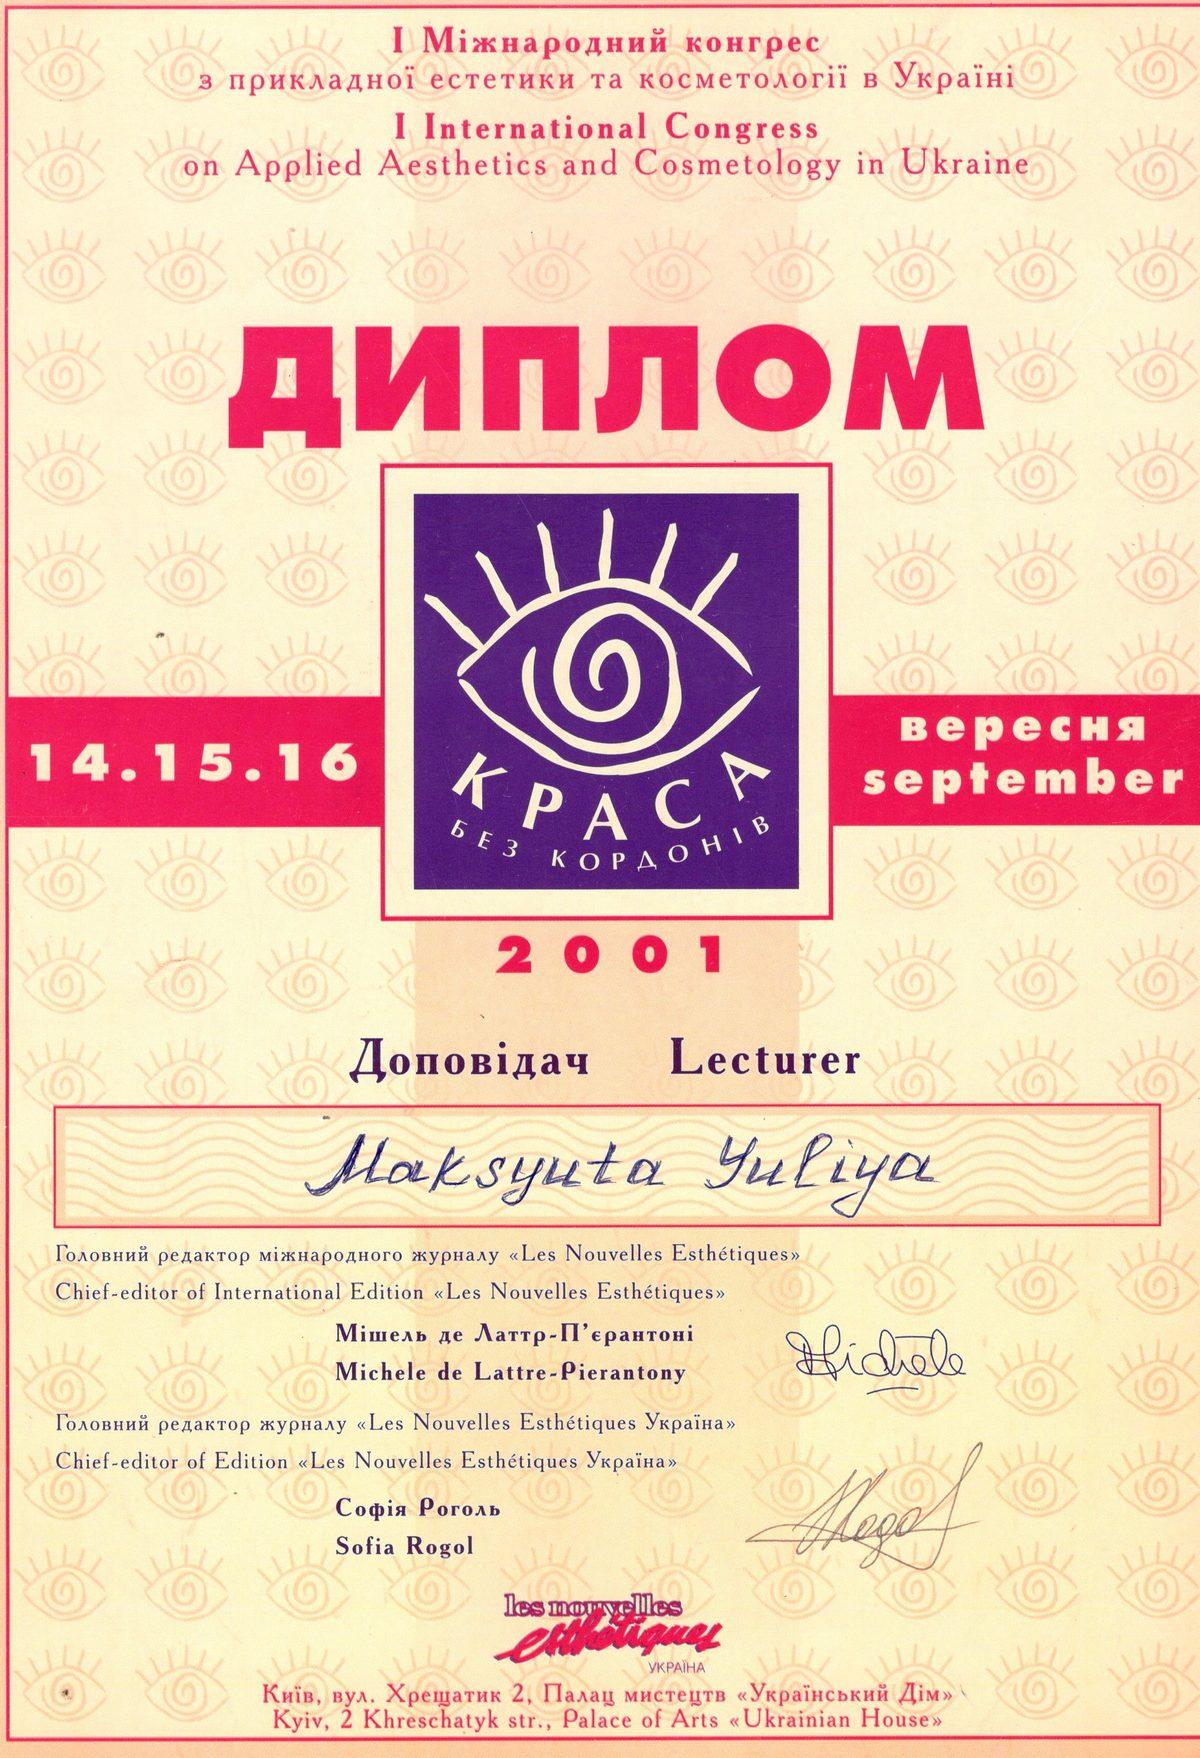 Документ №:8 Диплом врача-дерматолога, косметолога Максюты Юлии Анатольевны